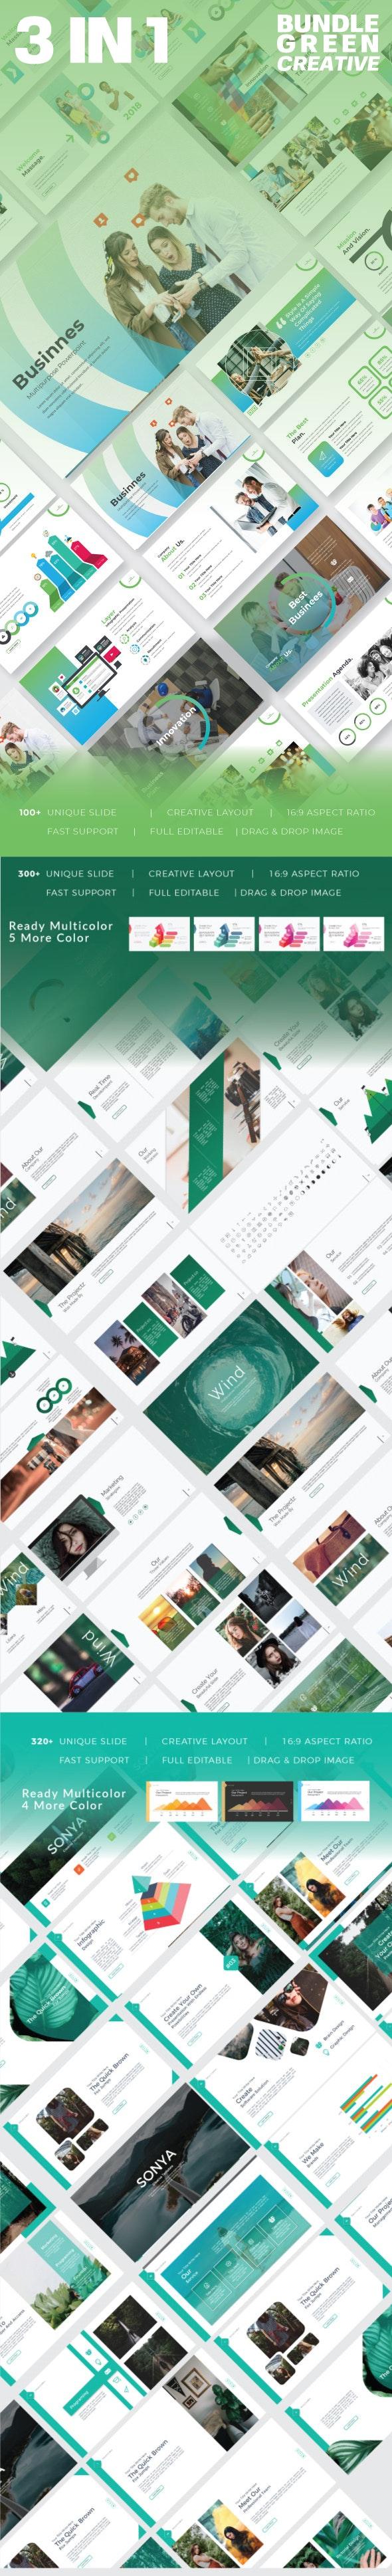 3 in 1 Google Slide Template - Google Slides Presentation Templates